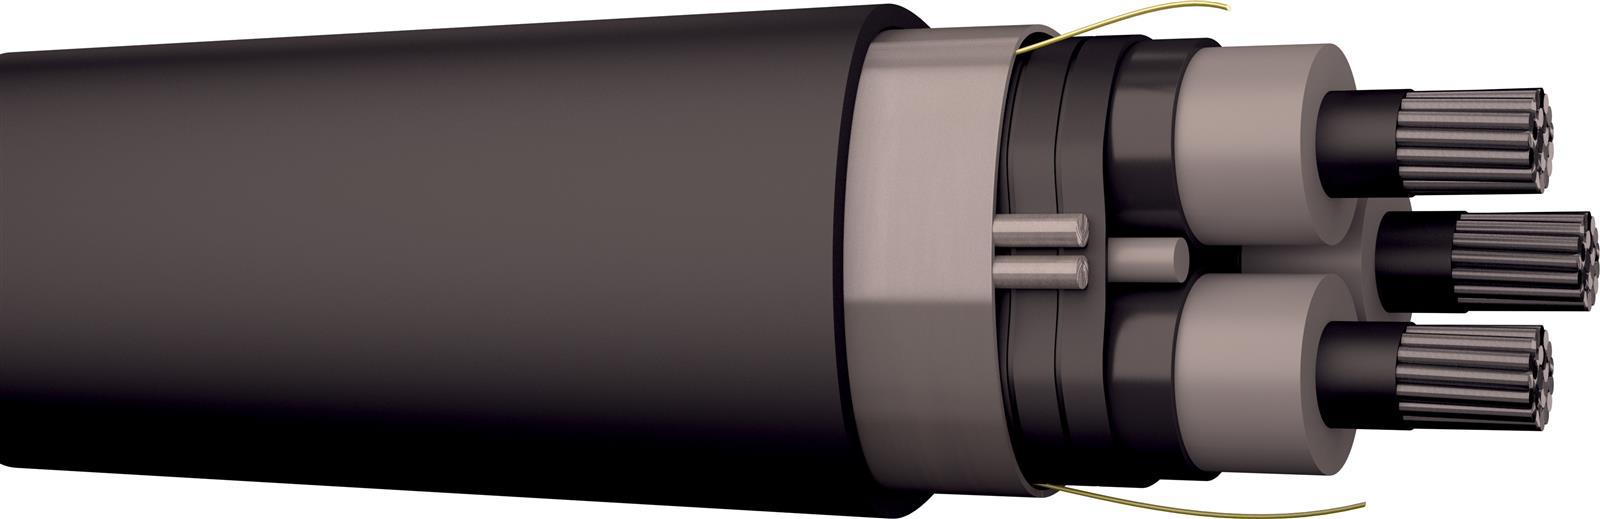 AXCLJ-TT 3X300/35 36KV T500